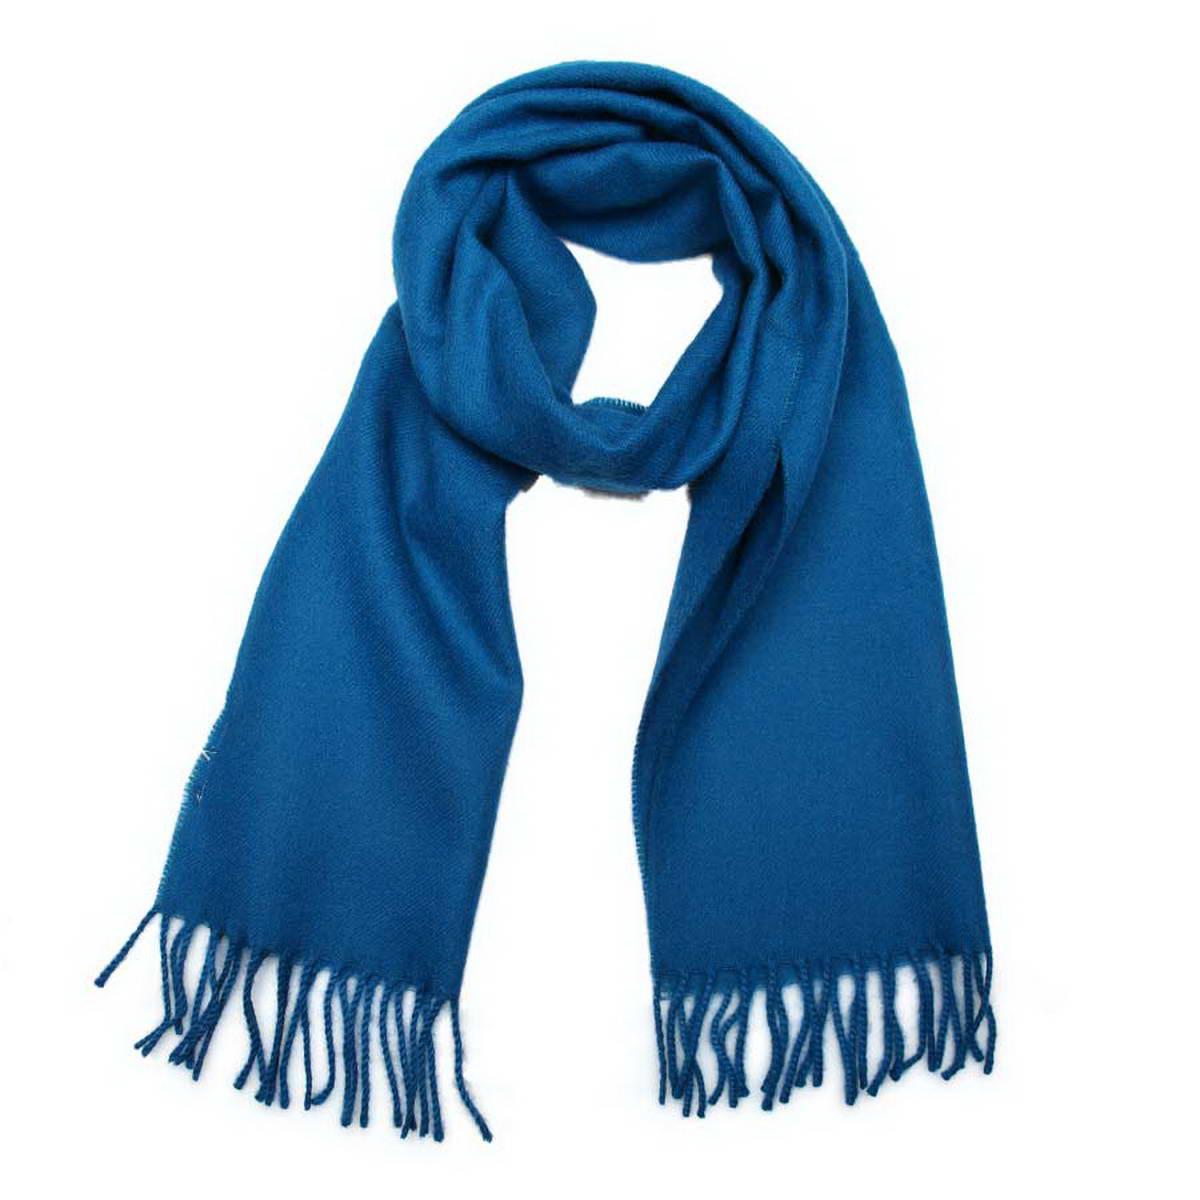 Шарф. 50024325002432-10Классический однотонный шарф Venera, выполненный из натуральной шерсти, создан подчеркнуть ваш неординарный вкус и согреть вас в прохладное время года. Модель дополнена кисточками по краям, несмотря на простой дизайн, аксессуар сделает ваш образ стильным и завершенным. Этот модный аксессуар не только согреет вас в холодное время года, но гармонично дополнит ваш образ.